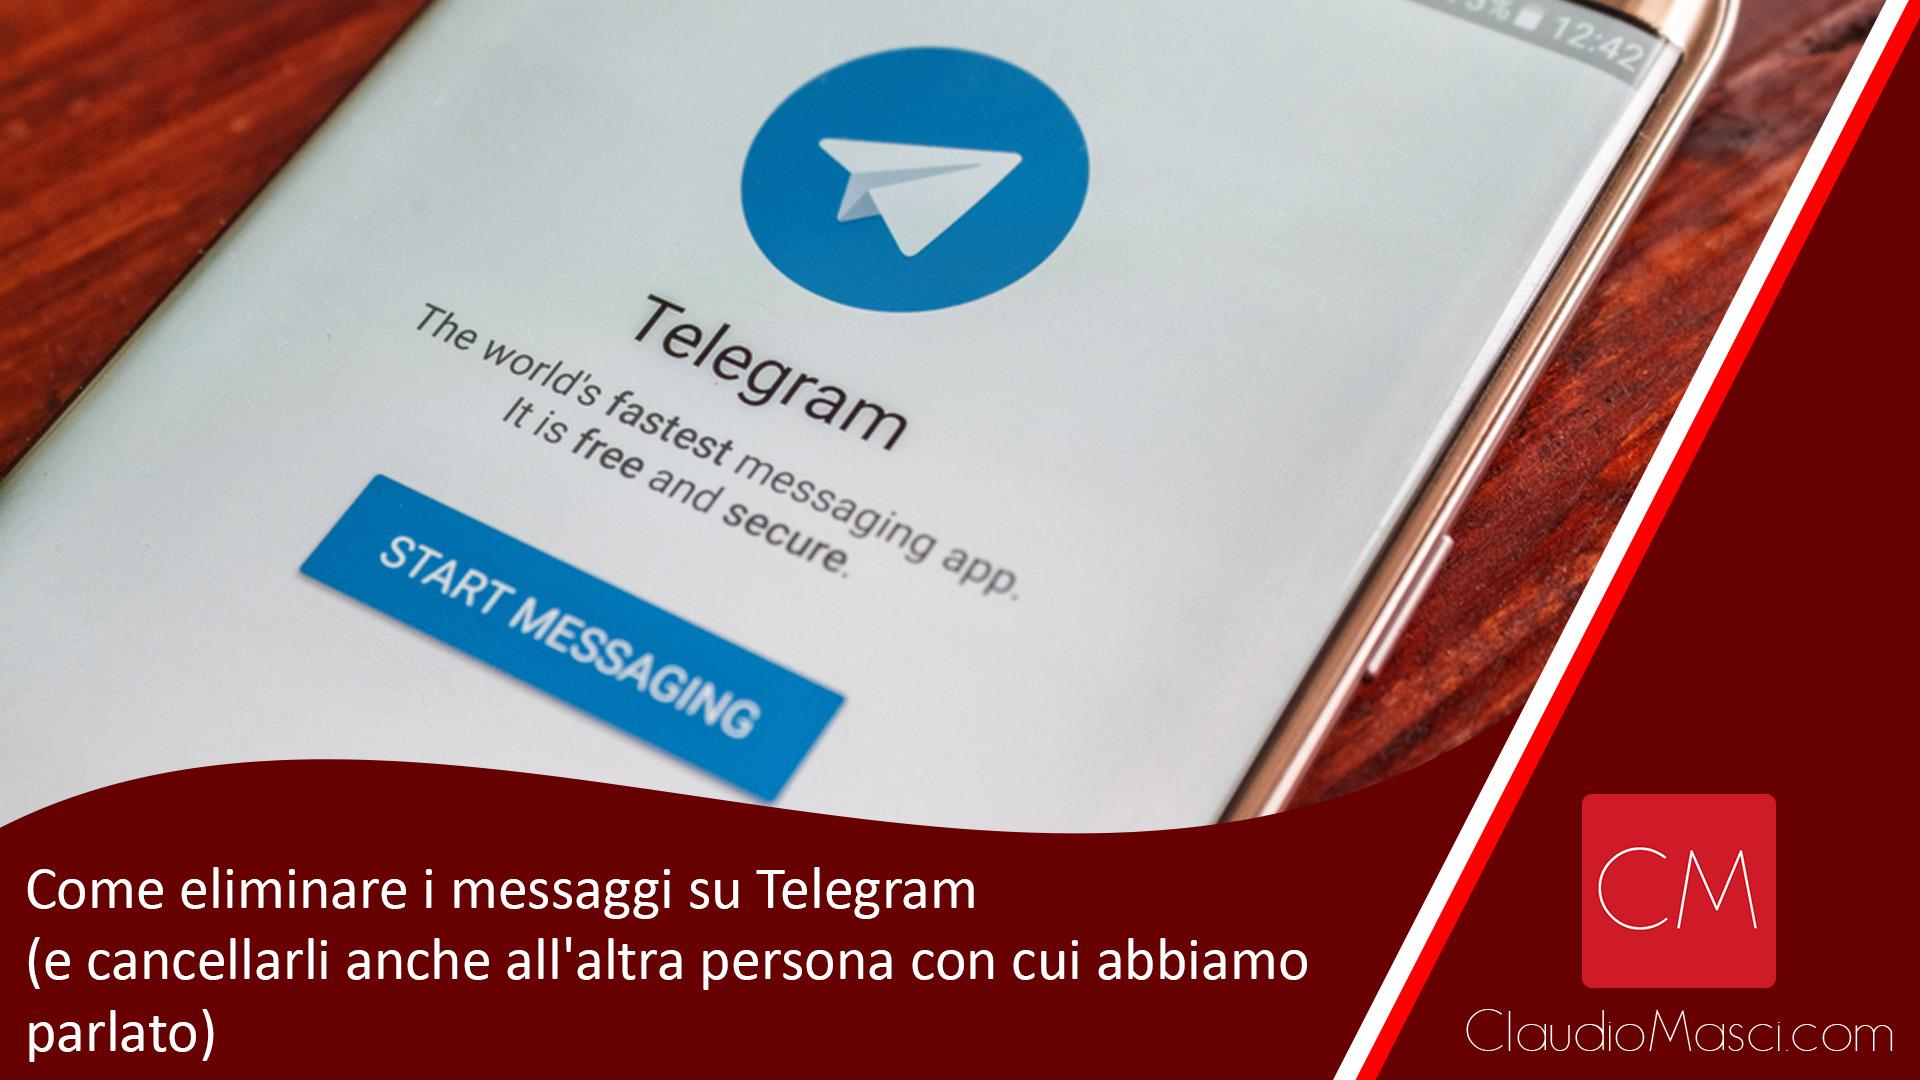 Come eliminare i messaggi su Telegram (e cancellarli anche all'altra persona con cui abbiamo parlato)